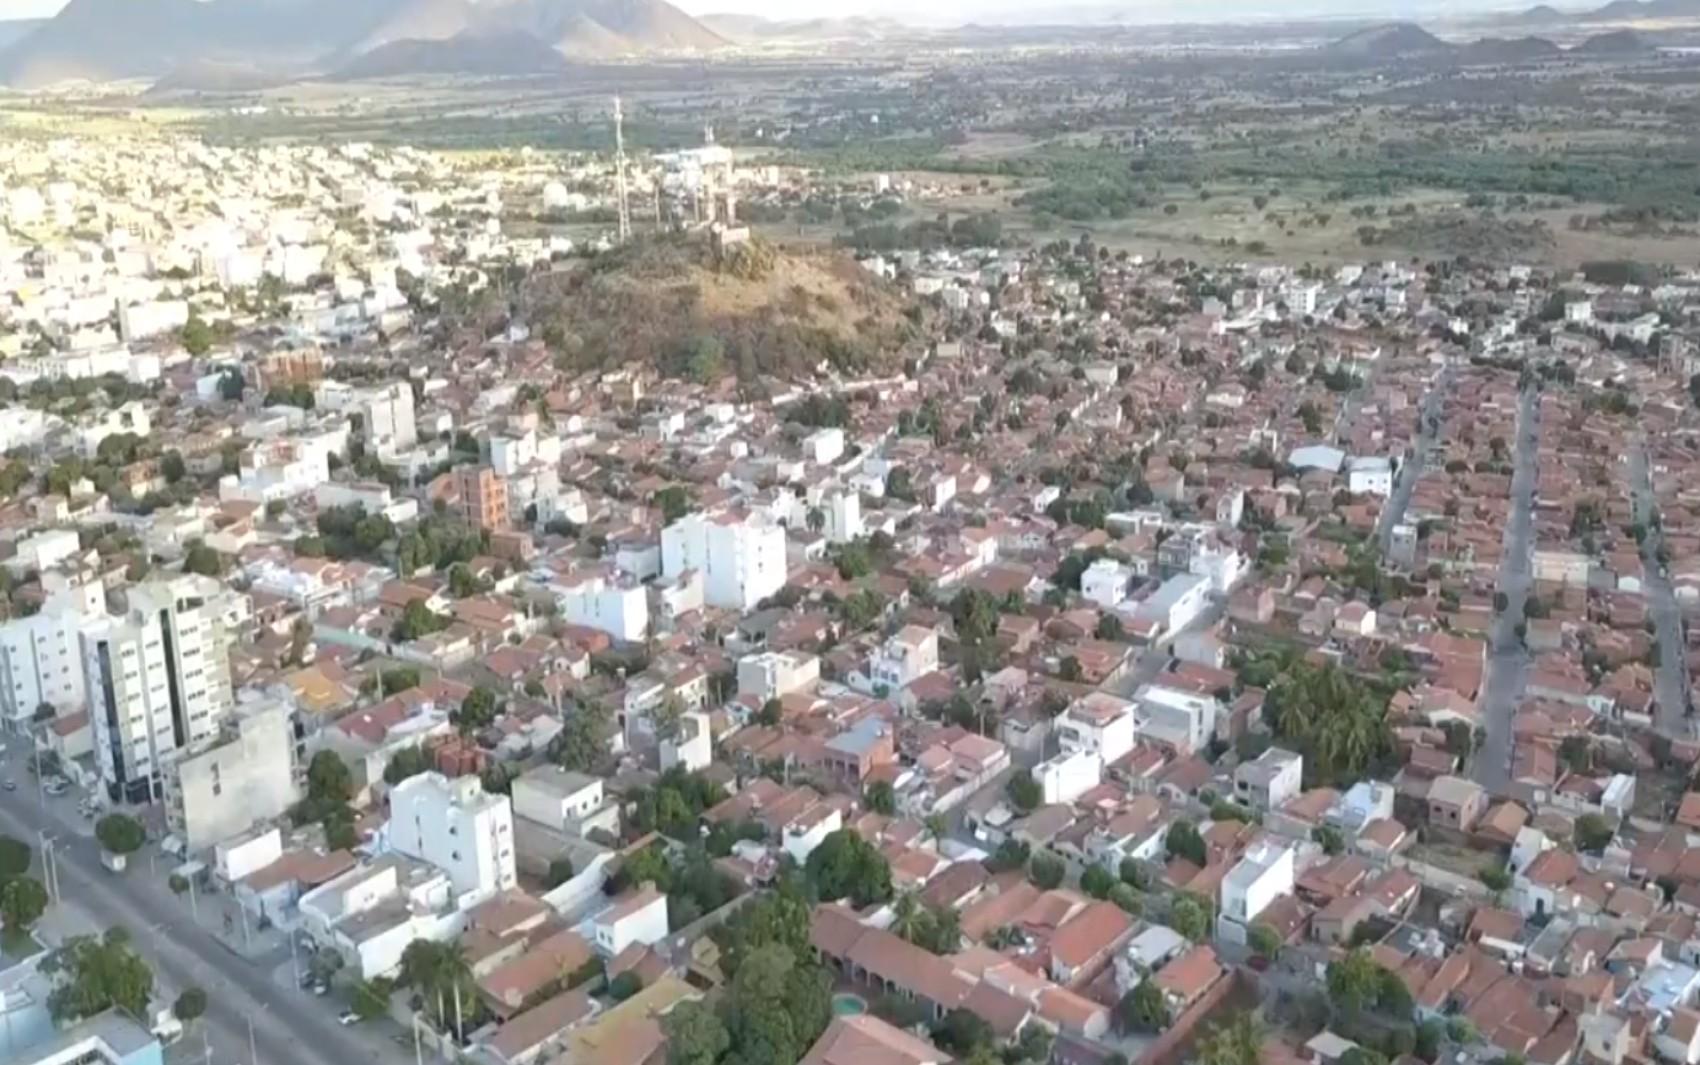 Toque de recolher nas regiões de Guanambi e Brumado é antecipado e começará às 19h; saiba mais